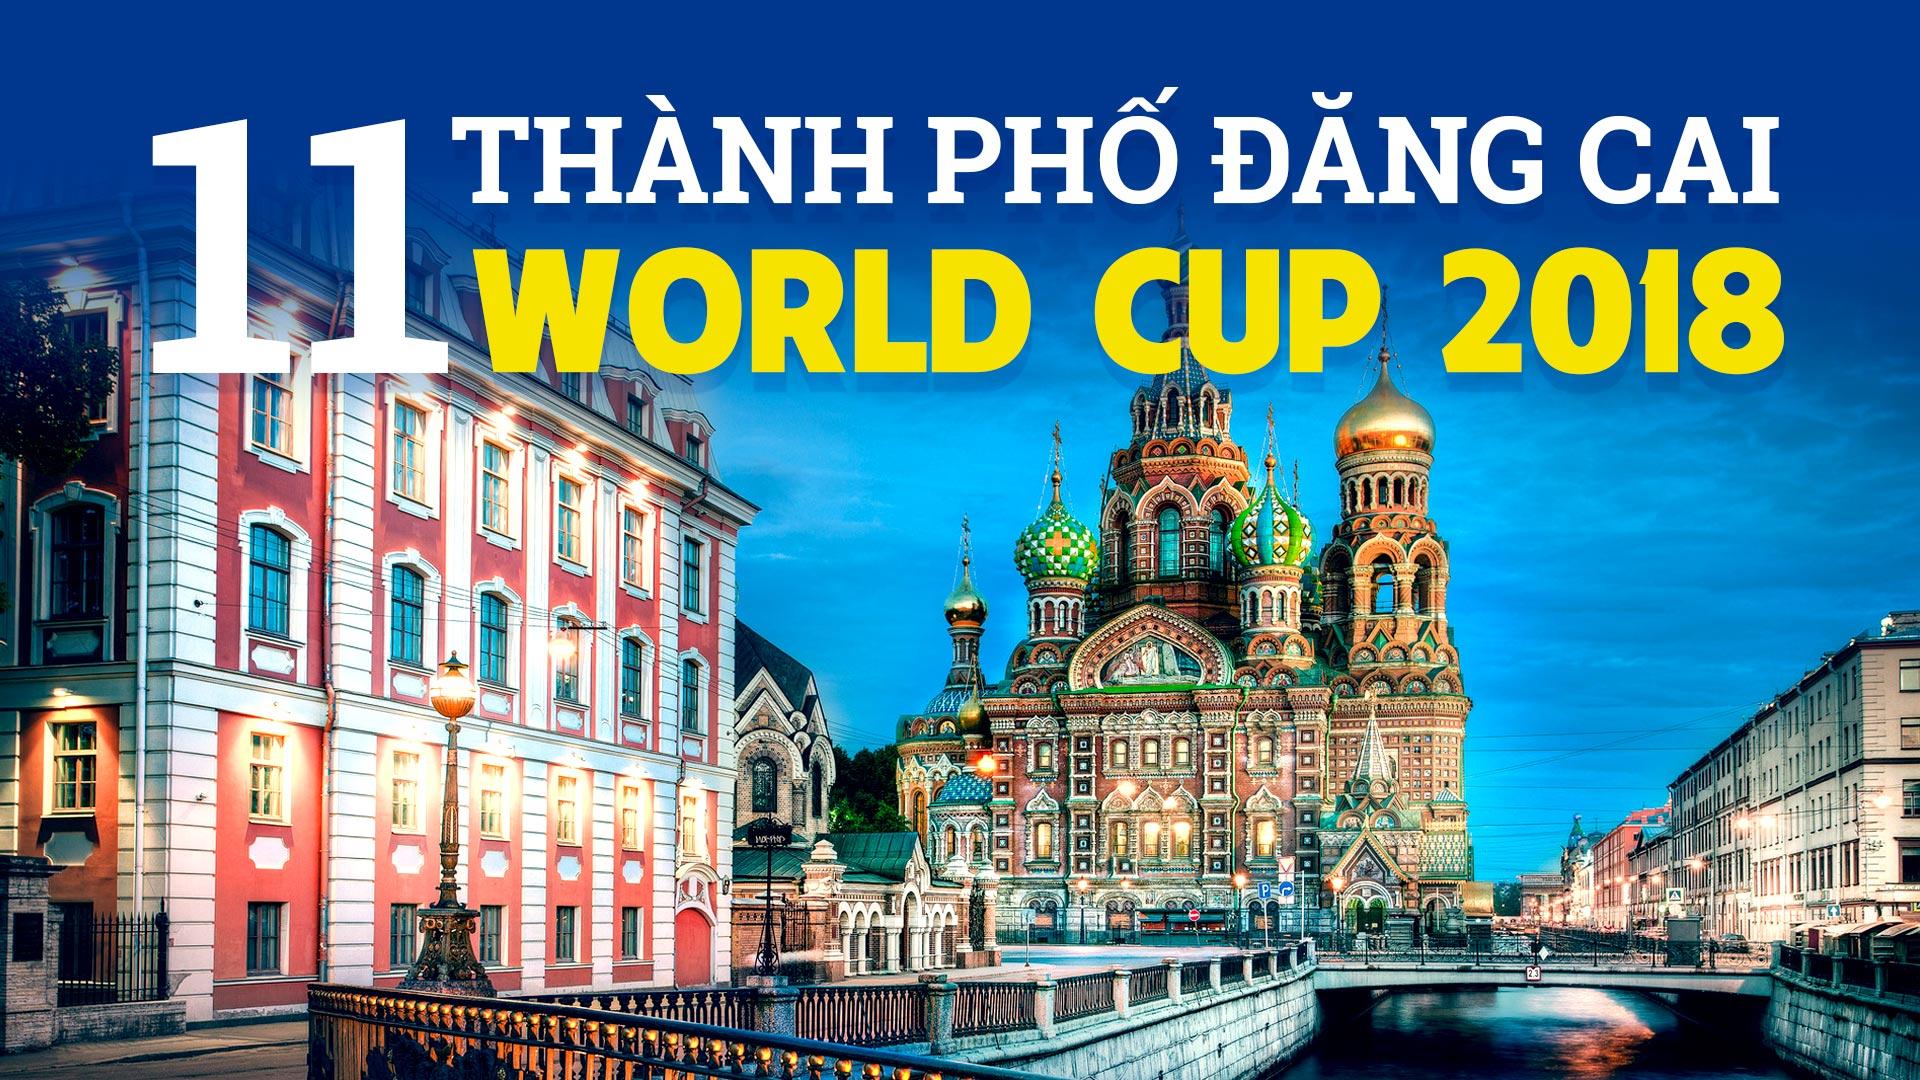 11 địa điểm diễn ra World Cup 2018 có gì HOT?